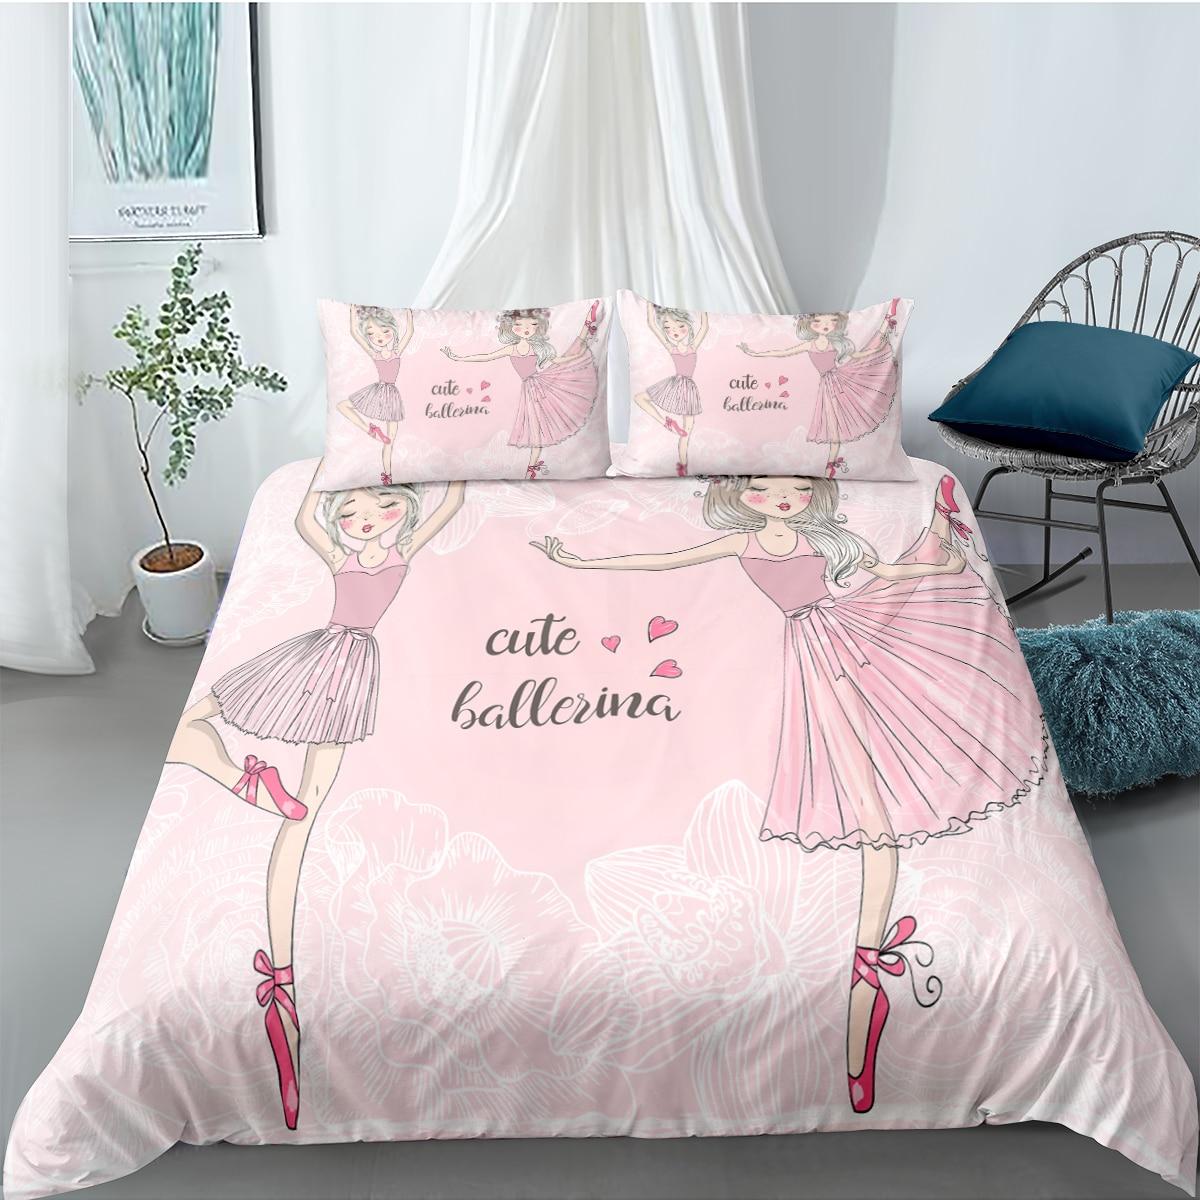 غطاء لحاف فتاة راقصة الباليه ، طقم سرير وردي ، مفرش سرير أميرة ، منسوجات منزلية ، 135